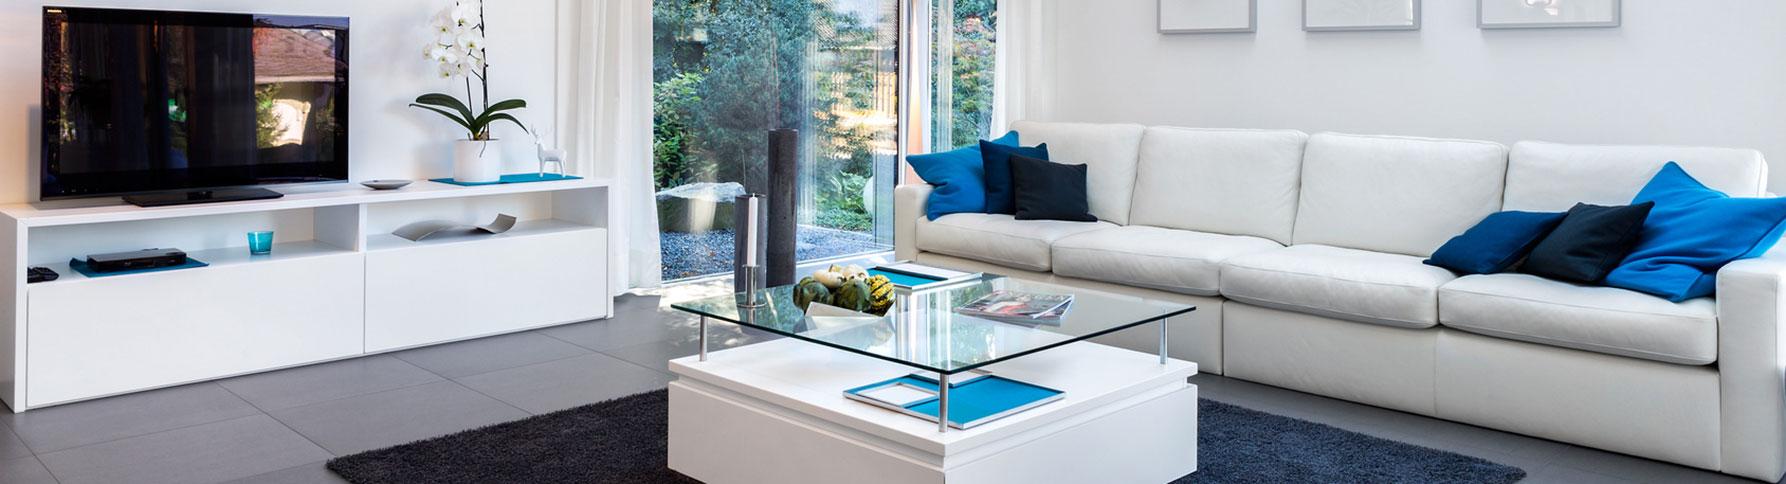 Home Staging: Mit uns Ihre Immobilie in Szene setzen | Immobilien Ernst